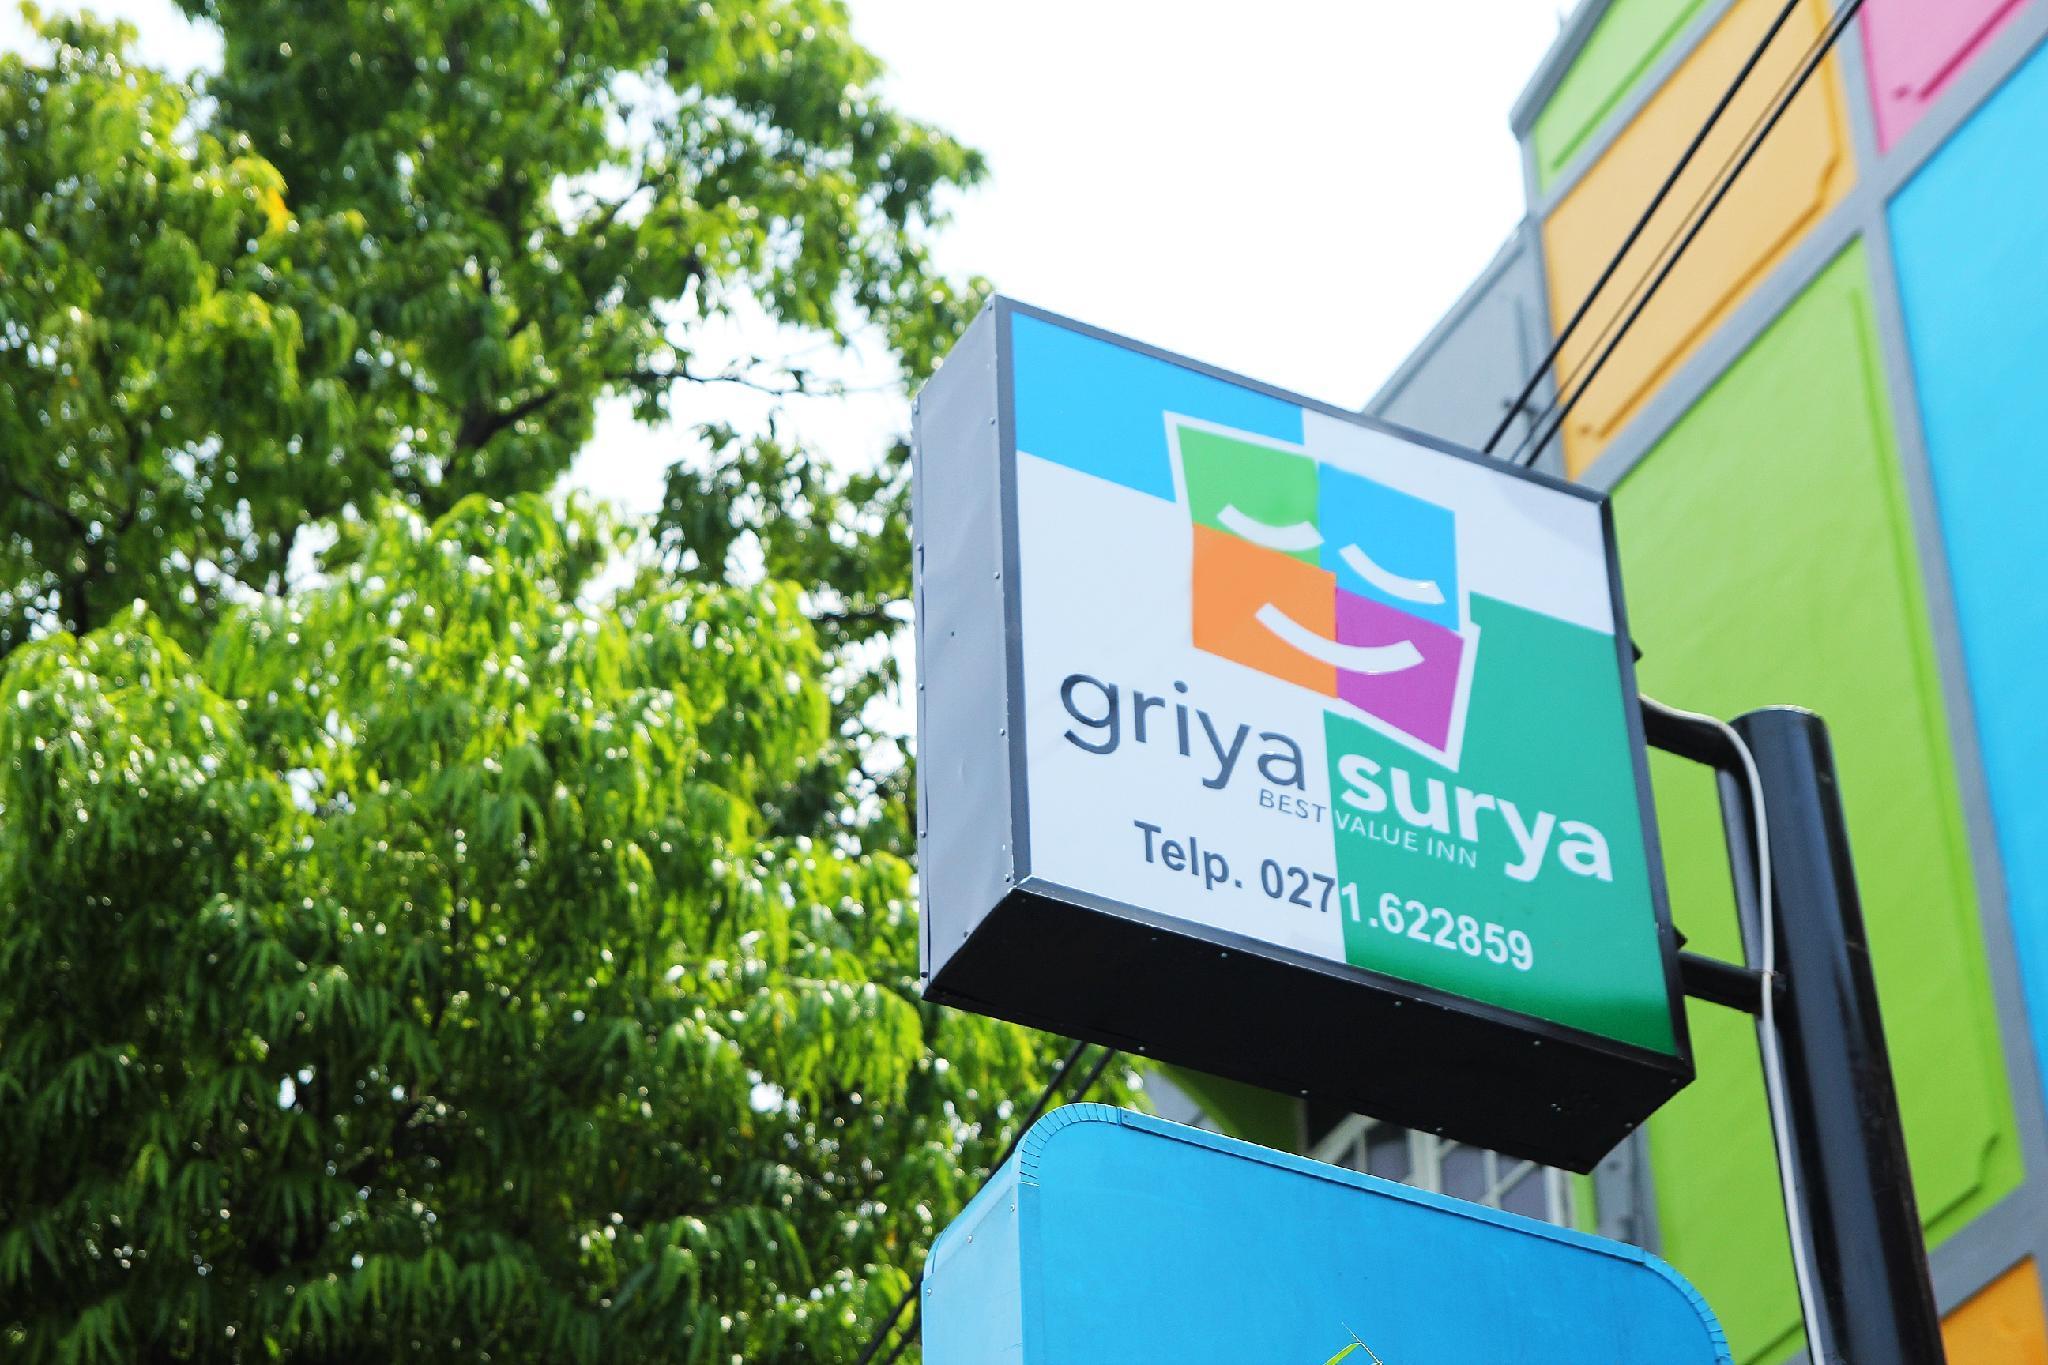 Hotel Griya Surya Solo